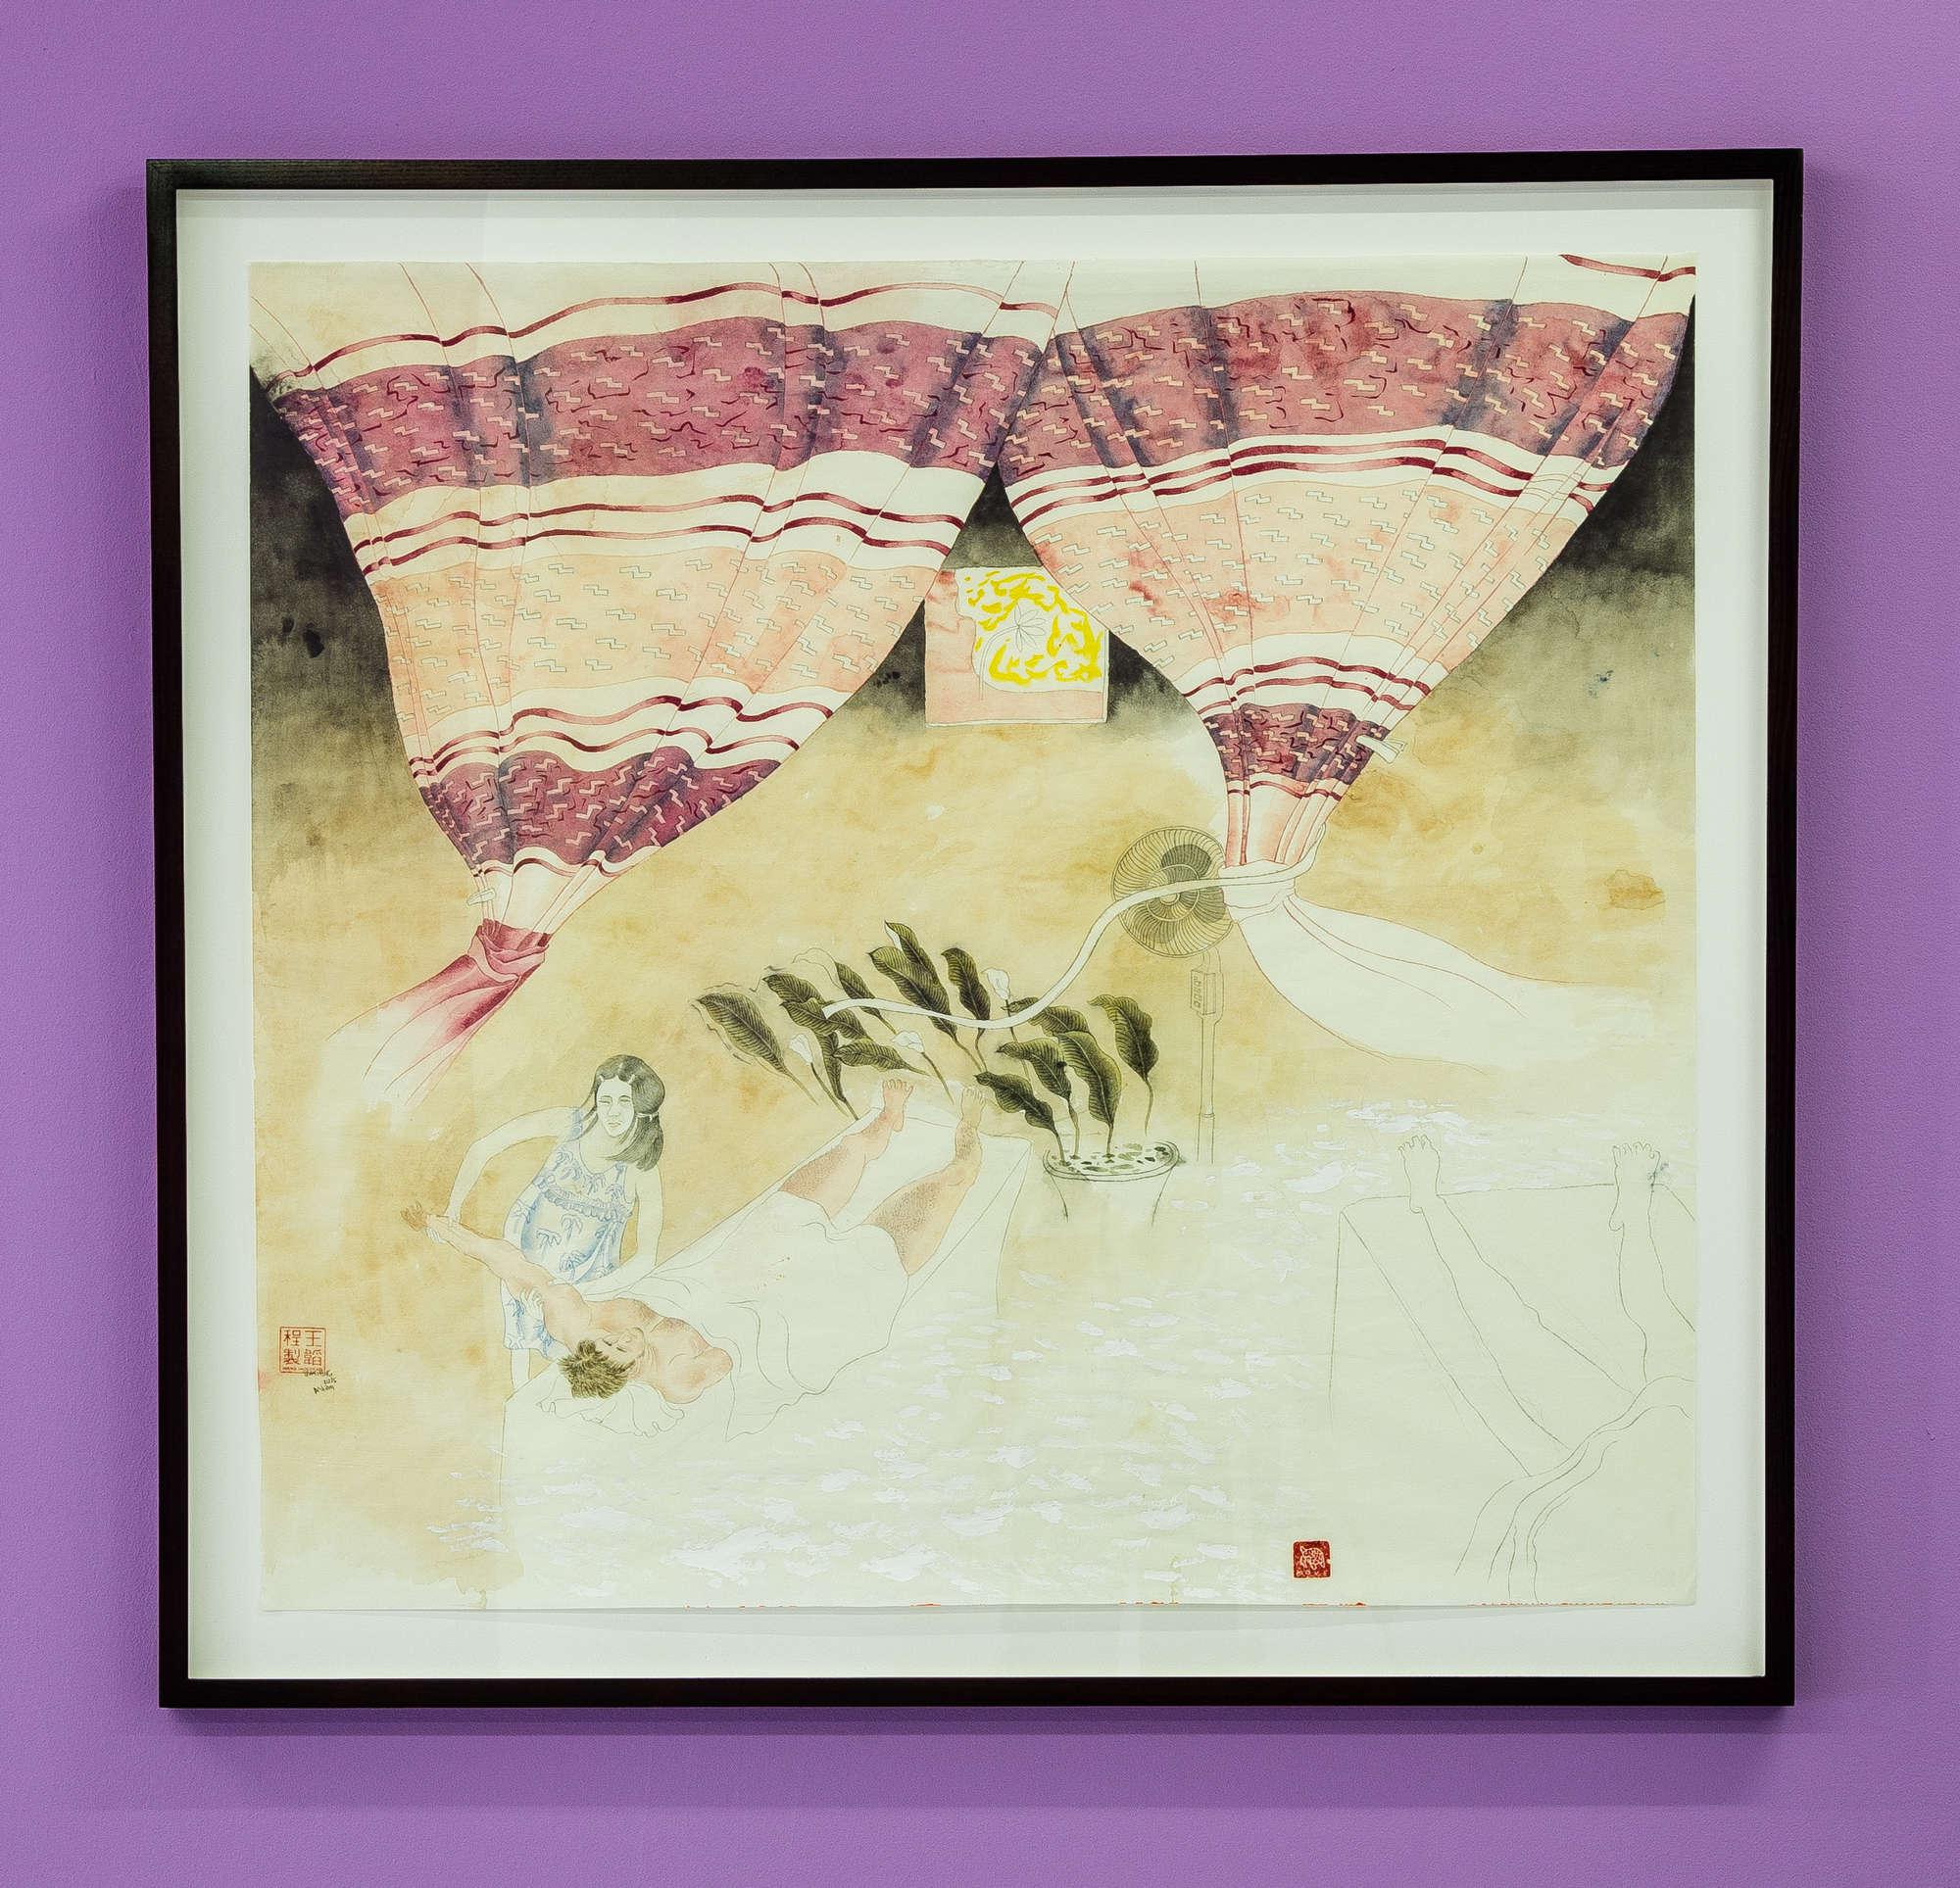 Taocheng Wang_Massage Near Me_Company Gallery_Large Jpegs-28